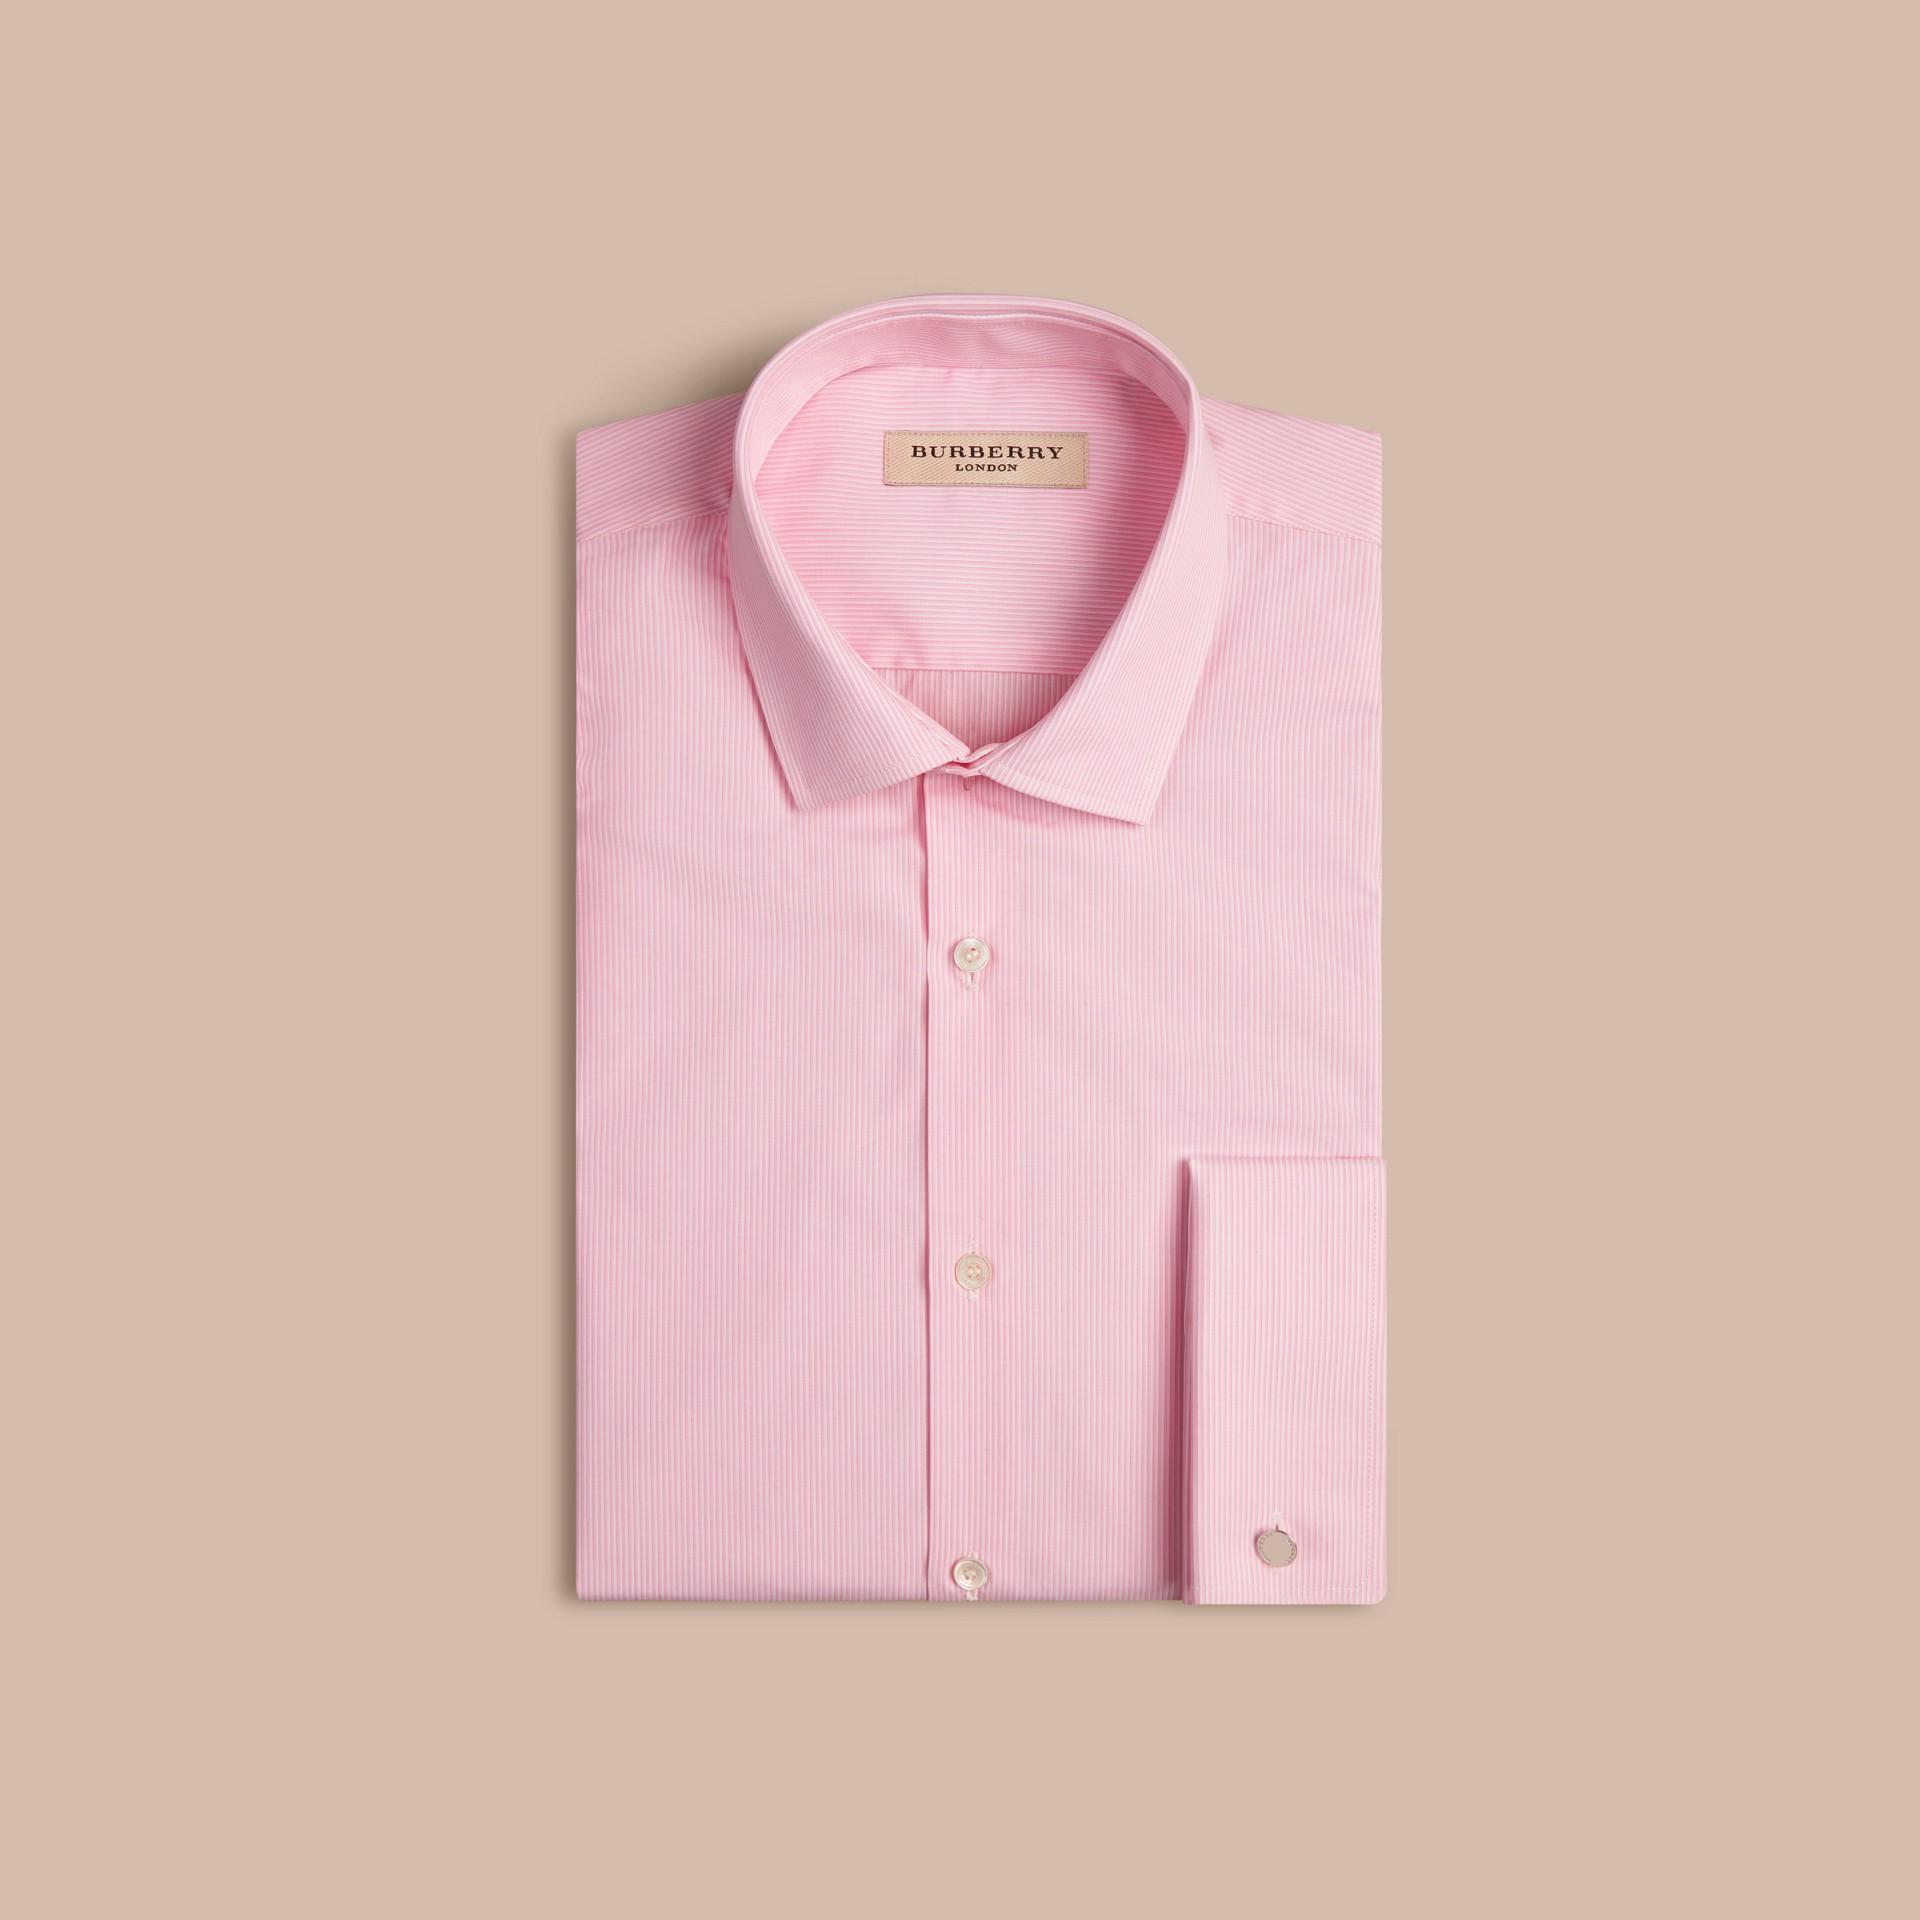 City pink Camisa de popeline de algodão com estampa listrada e corte moderno - galeria de imagens 4